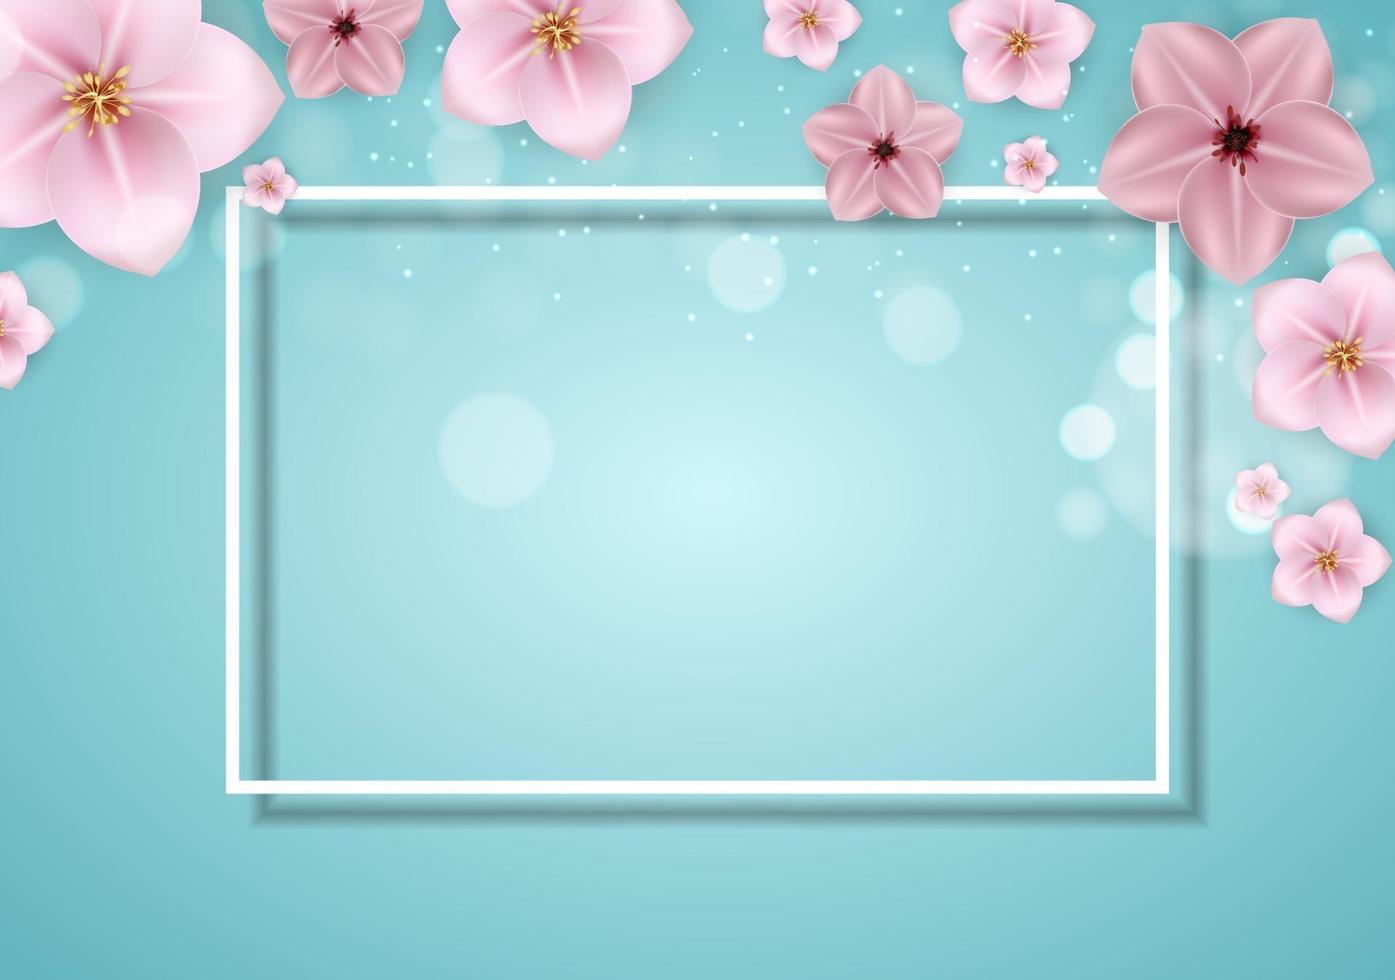 realistische mooie 3d sprind en zomer roze bloemachtergrond. vector illustratie eps10